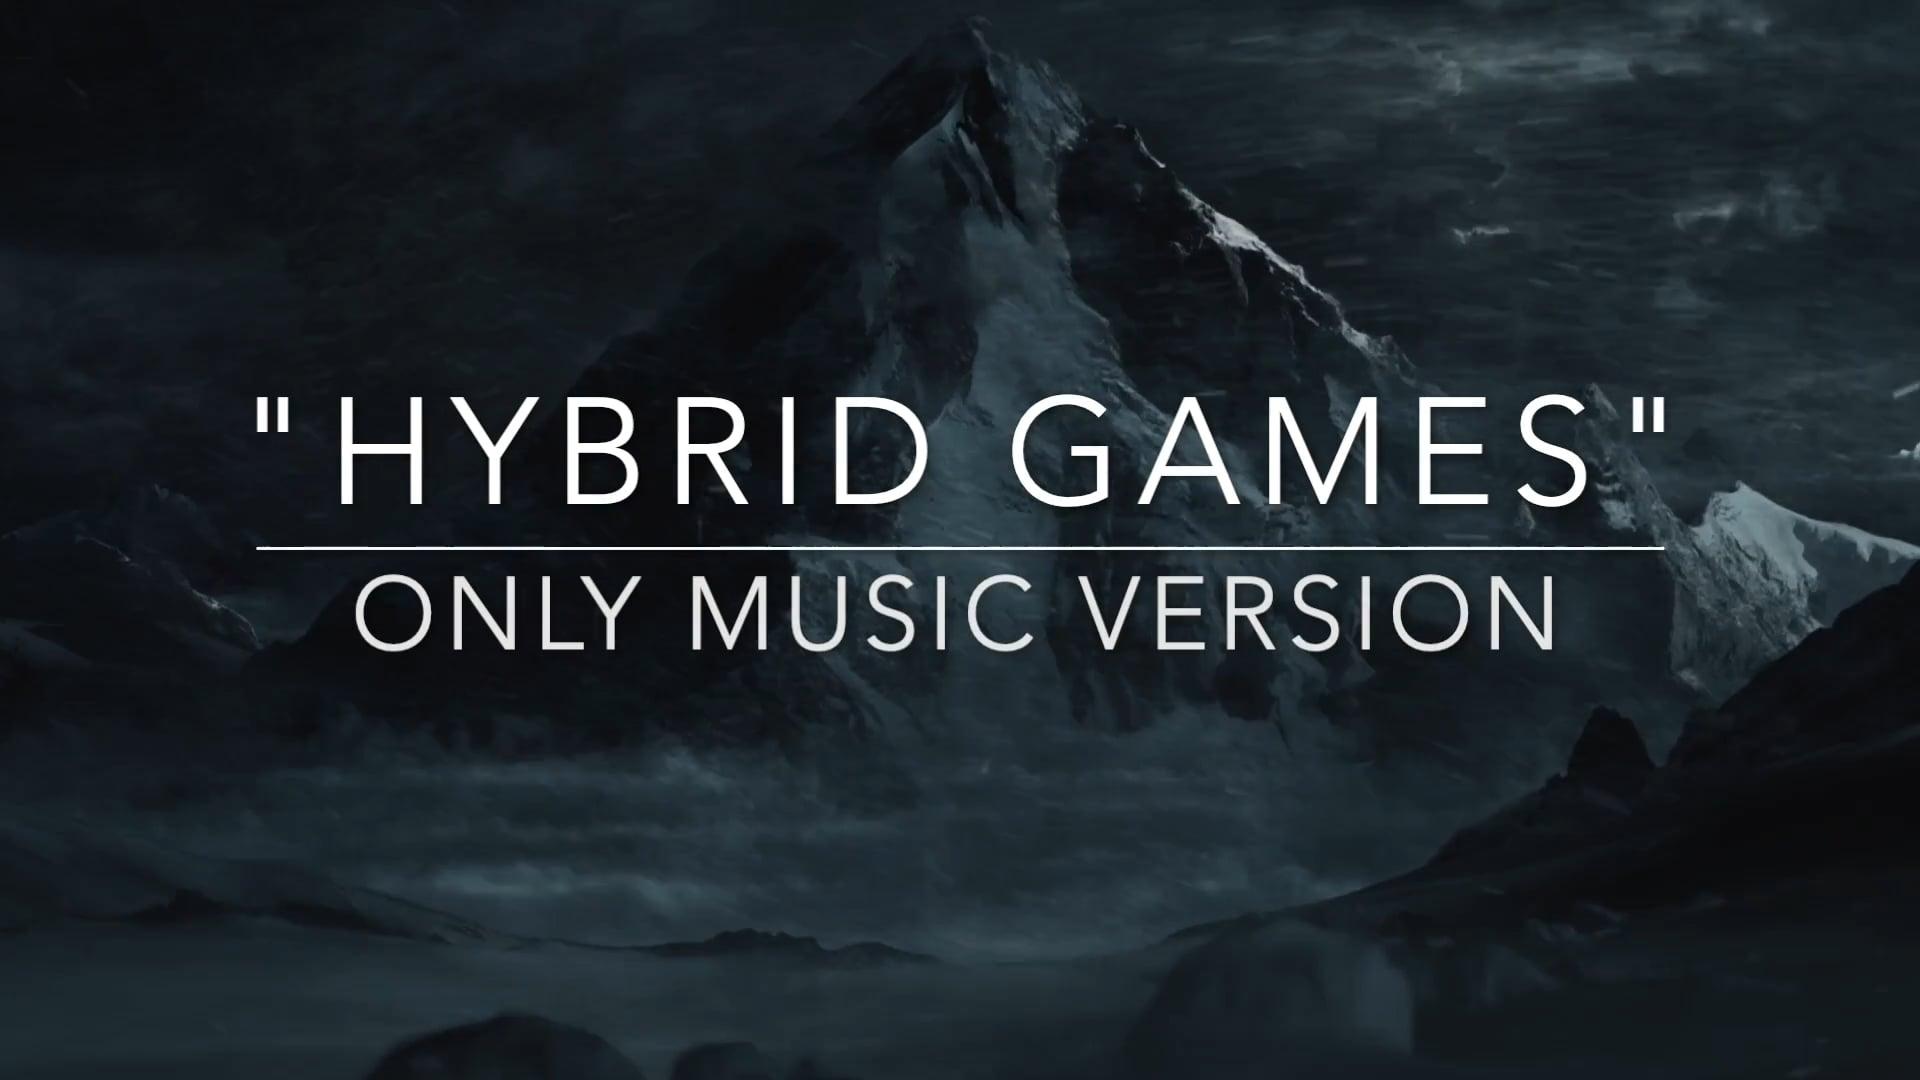 Hybrid Games